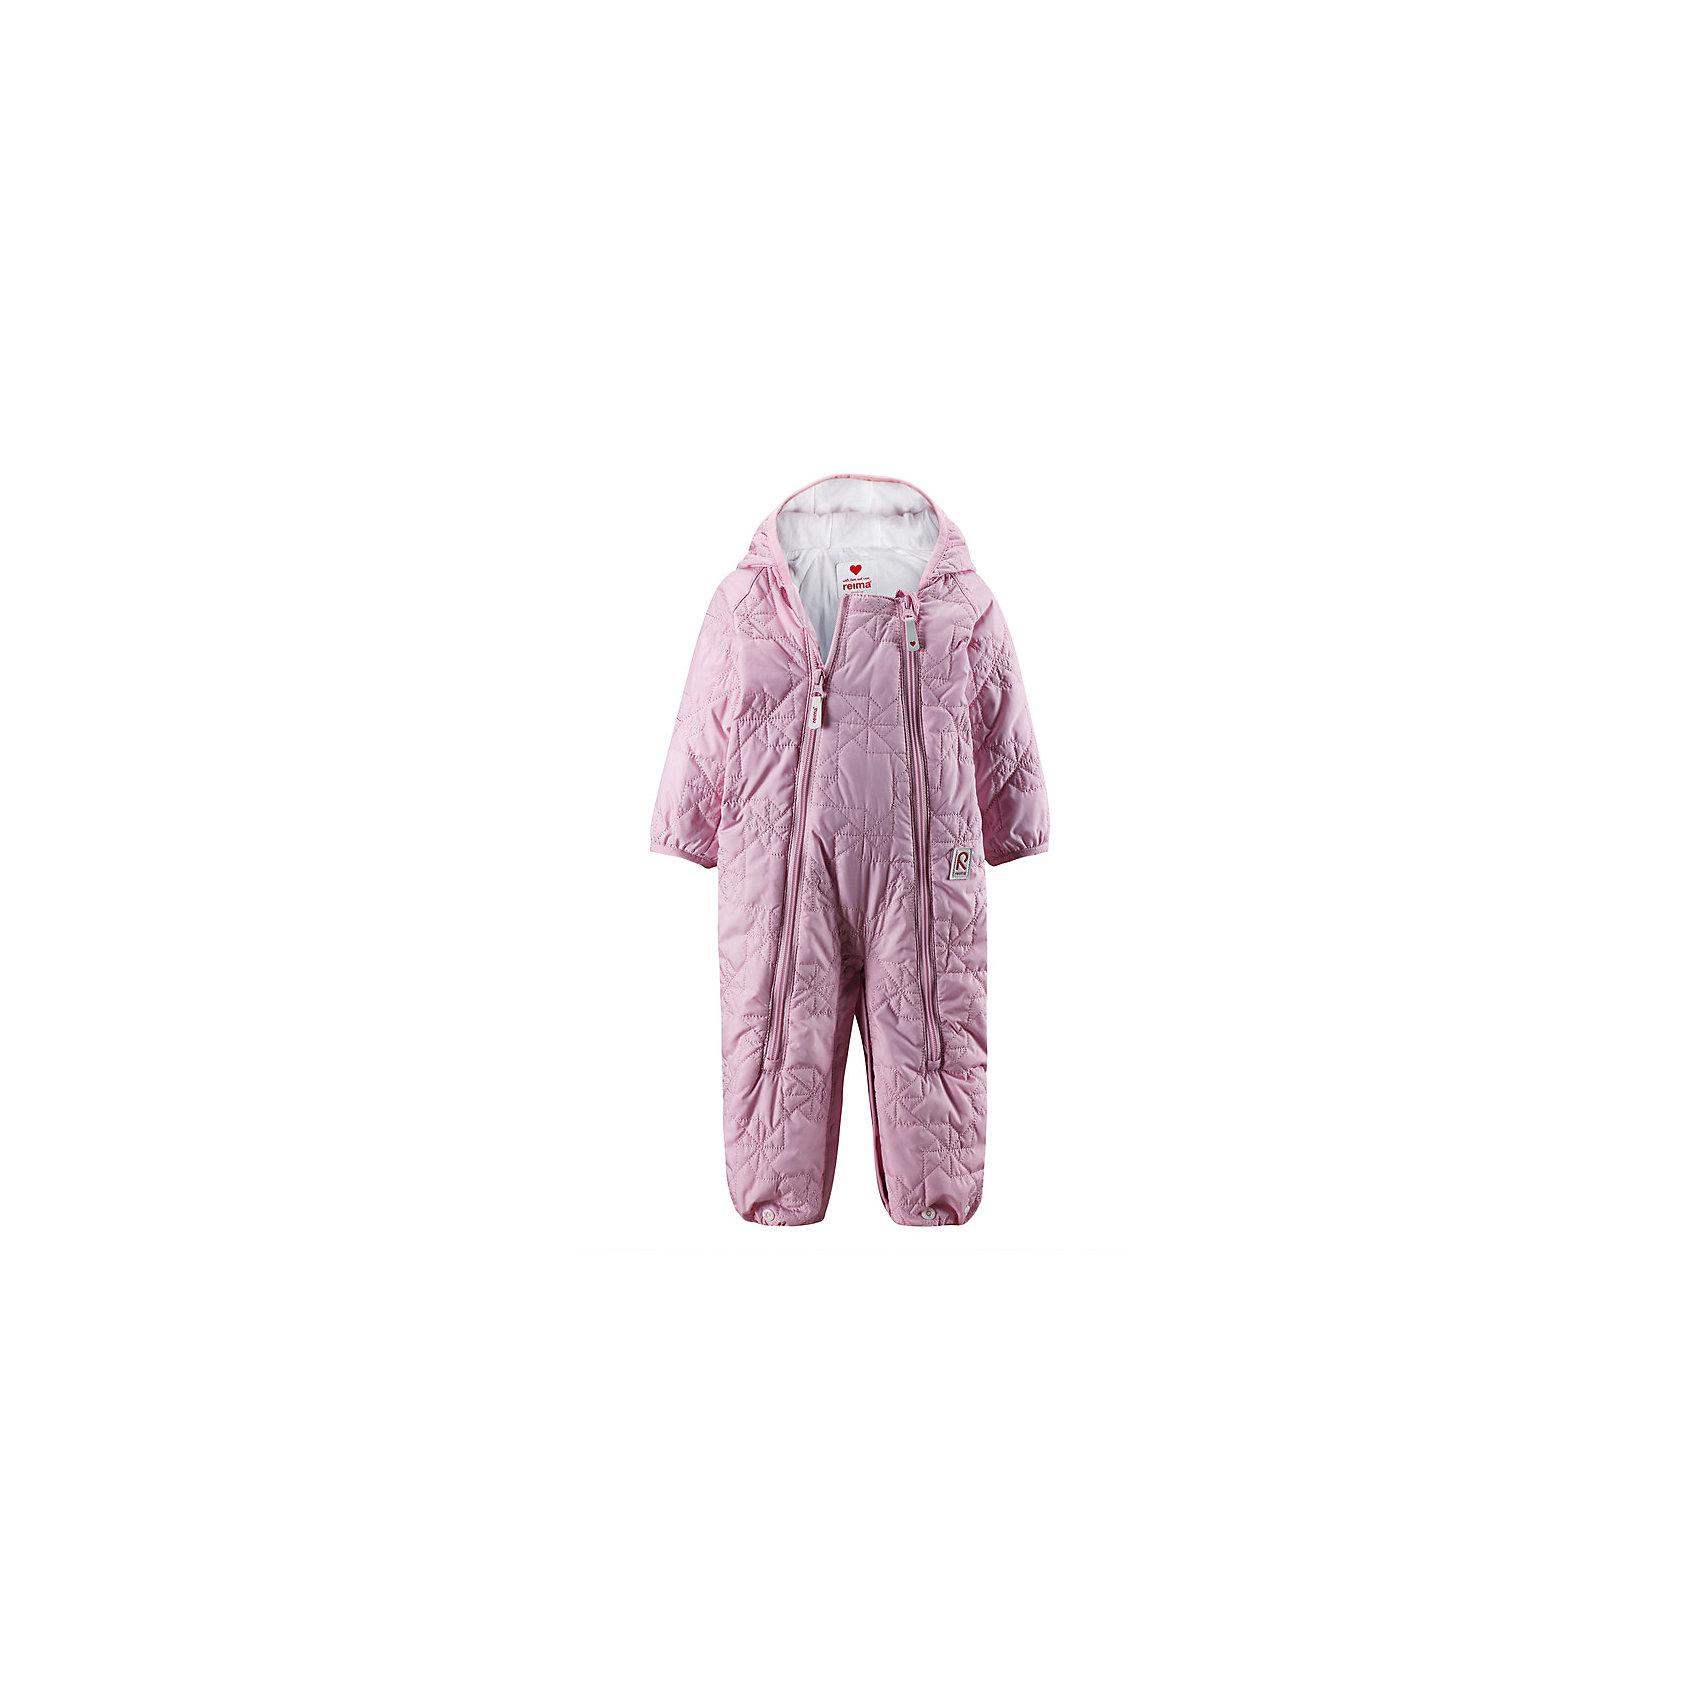 Комбинезон  для девочки ReimaВерхняя одежда<br>Комбинезон от популярной финской марки Reima.<br>-Стеганный комбинезон для новорожденных с легким утеплителем<br>-Может трансформироваться в конверт<br>-Две длинные молнии для удобства одевания<br>-Концы рукавов и брючин внахлест<br><br>Состав:100% Полиэстер<br><br>Ширина мм: 356<br>Глубина мм: 10<br>Высота мм: 245<br>Вес г: 519<br>Цвет: розовый<br>Возраст от месяцев: 0<br>Возраст до месяцев: 1<br>Пол: Женский<br>Возраст: Детский<br>Размер: 50,74,62<br>SKU: 3997411